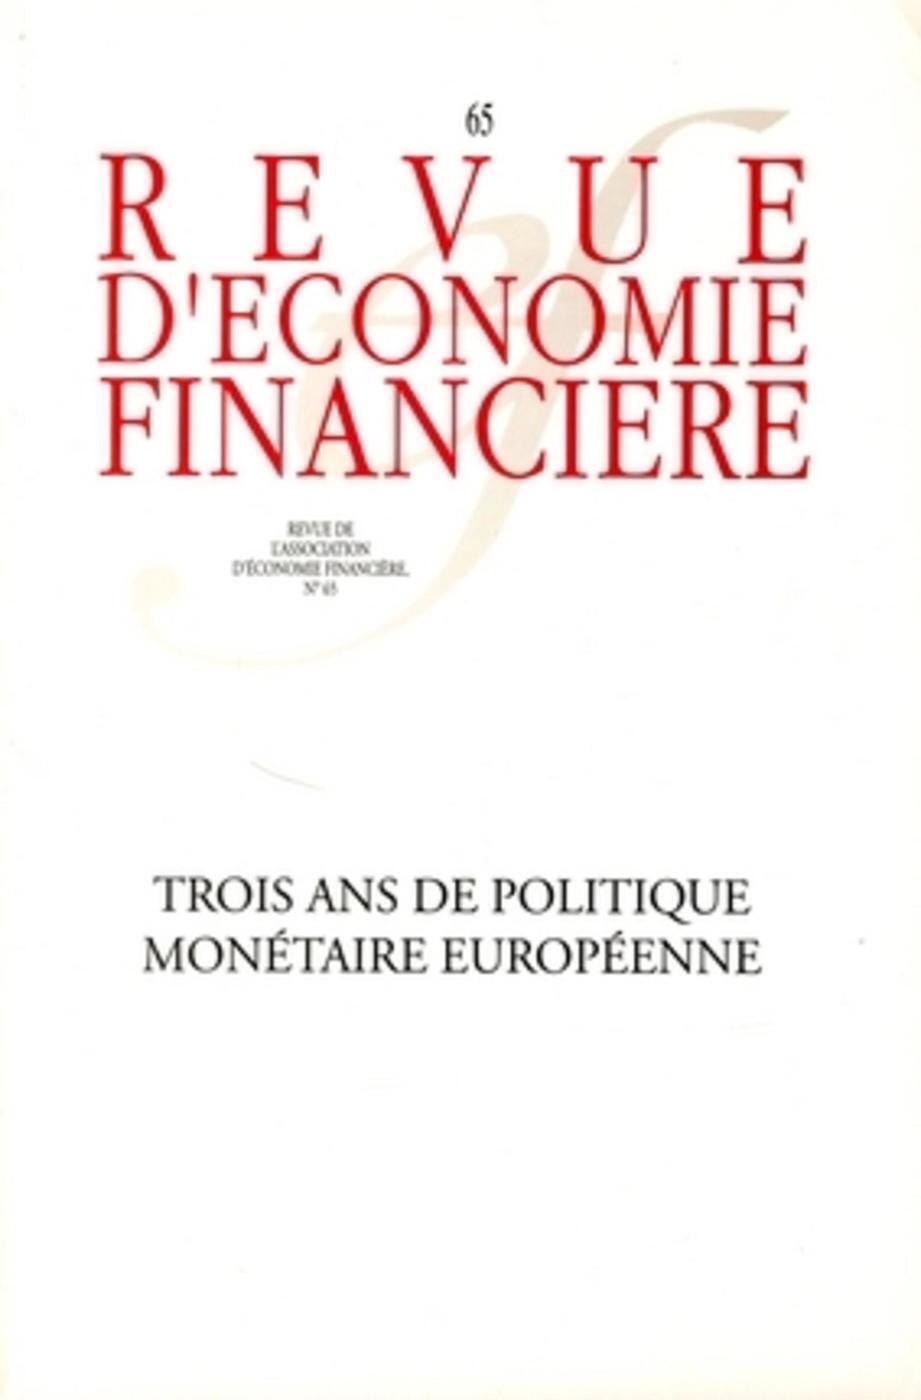 TROIS ANS DE POLITIQUE MONETAIRE EUROPEENNE NO65